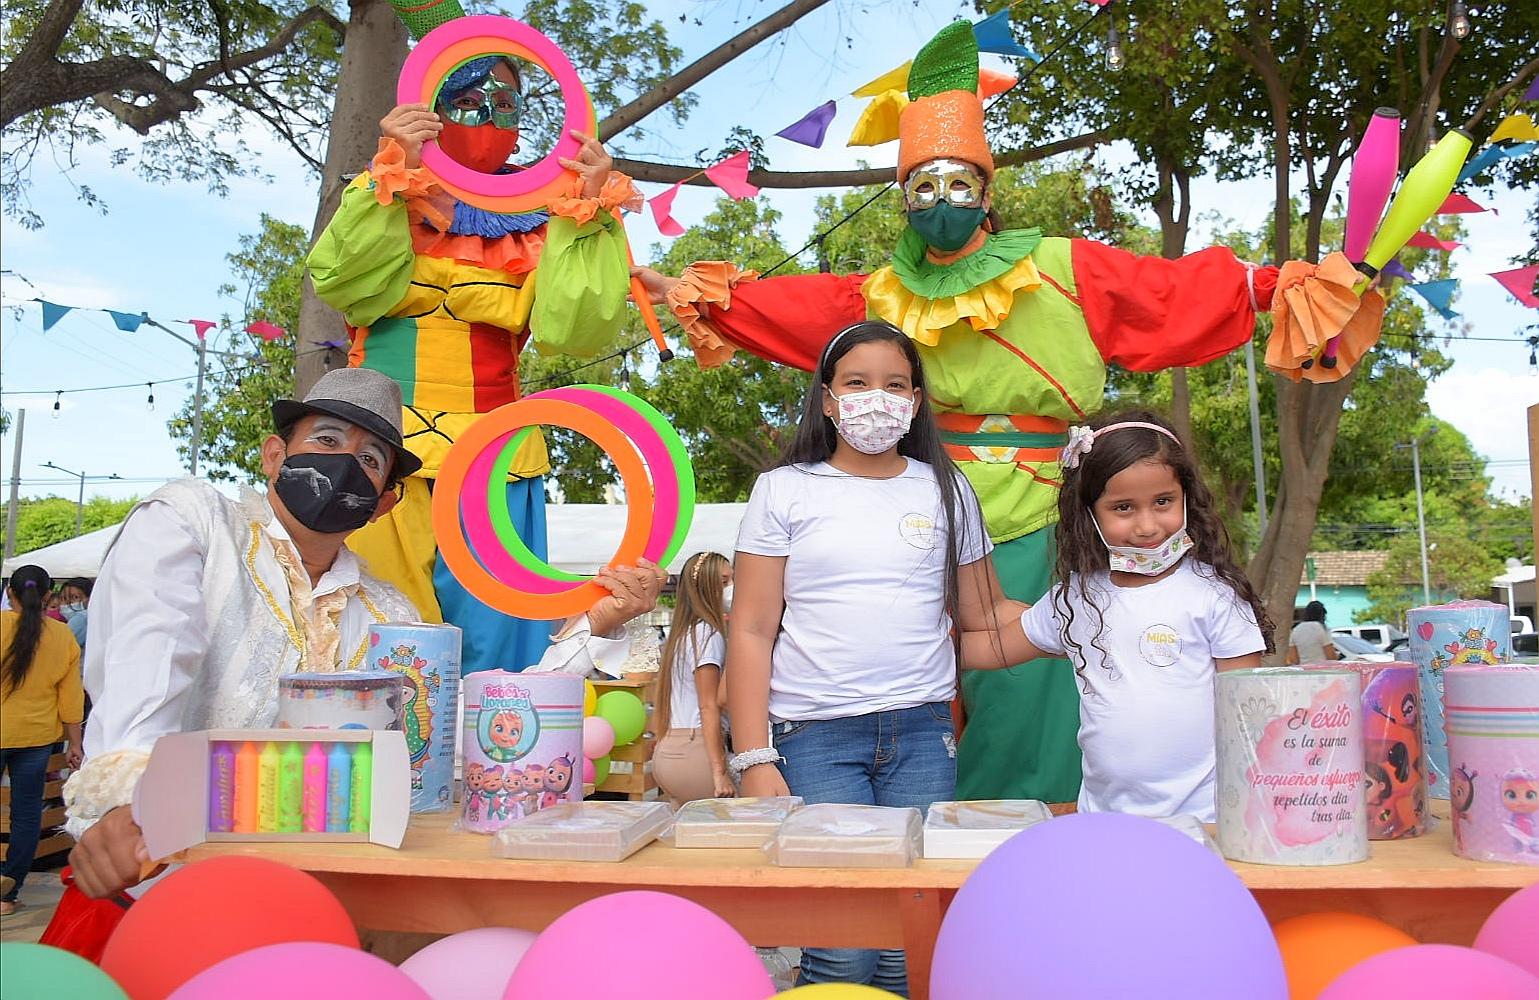 En la Feria de Mis Sueños, impulsaron las ideas creativas de los niños de Valledupar